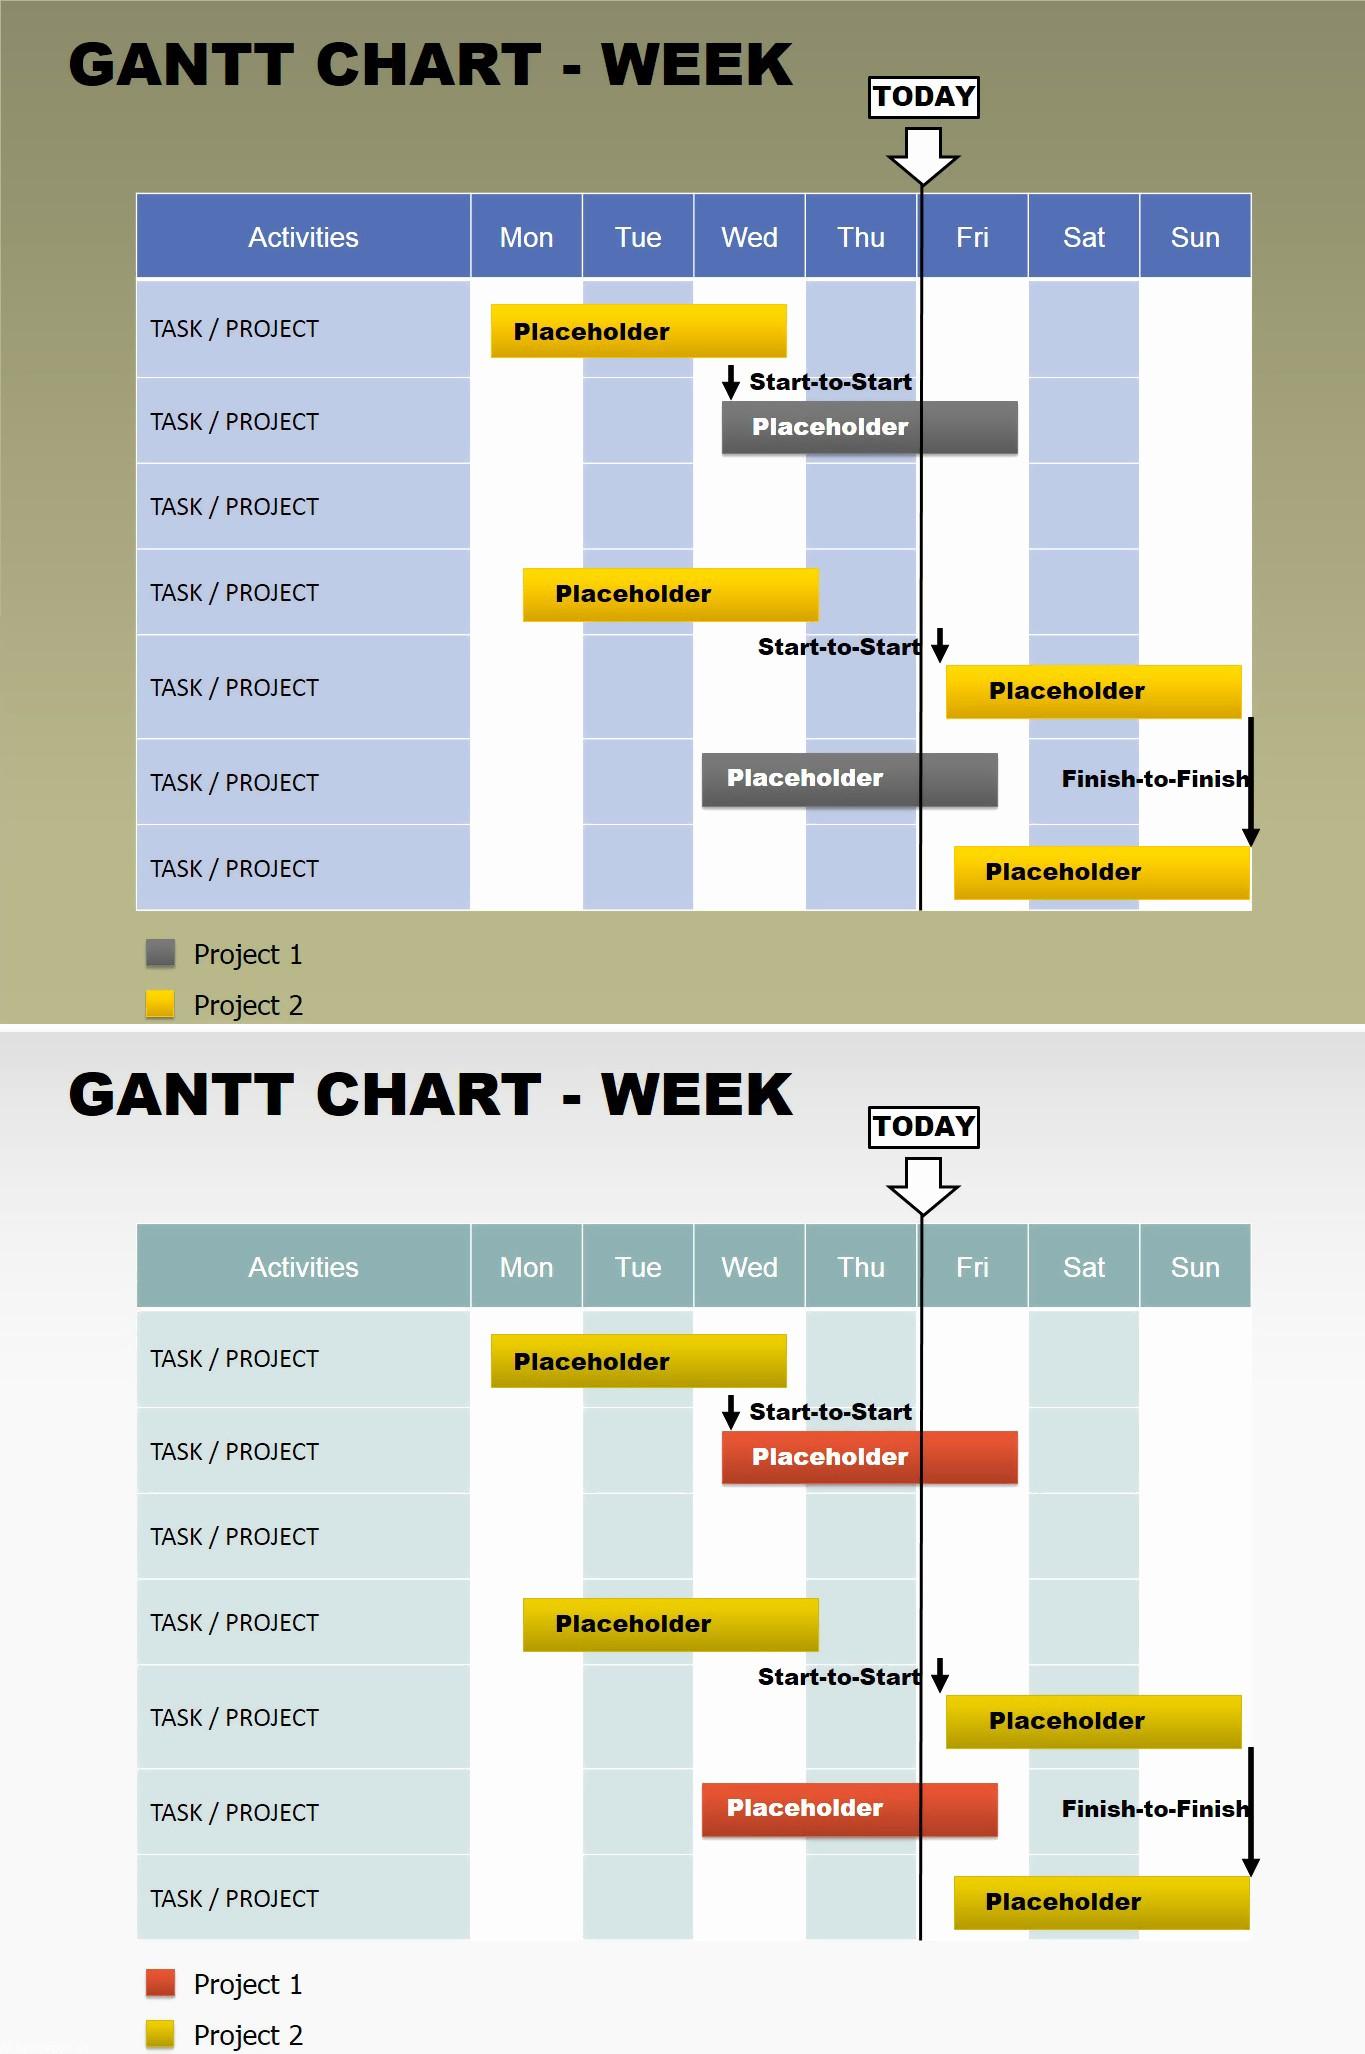 Gantt Chart Powerpoint Template Free Inspirational Free Gantt Week Powerpoint Charts